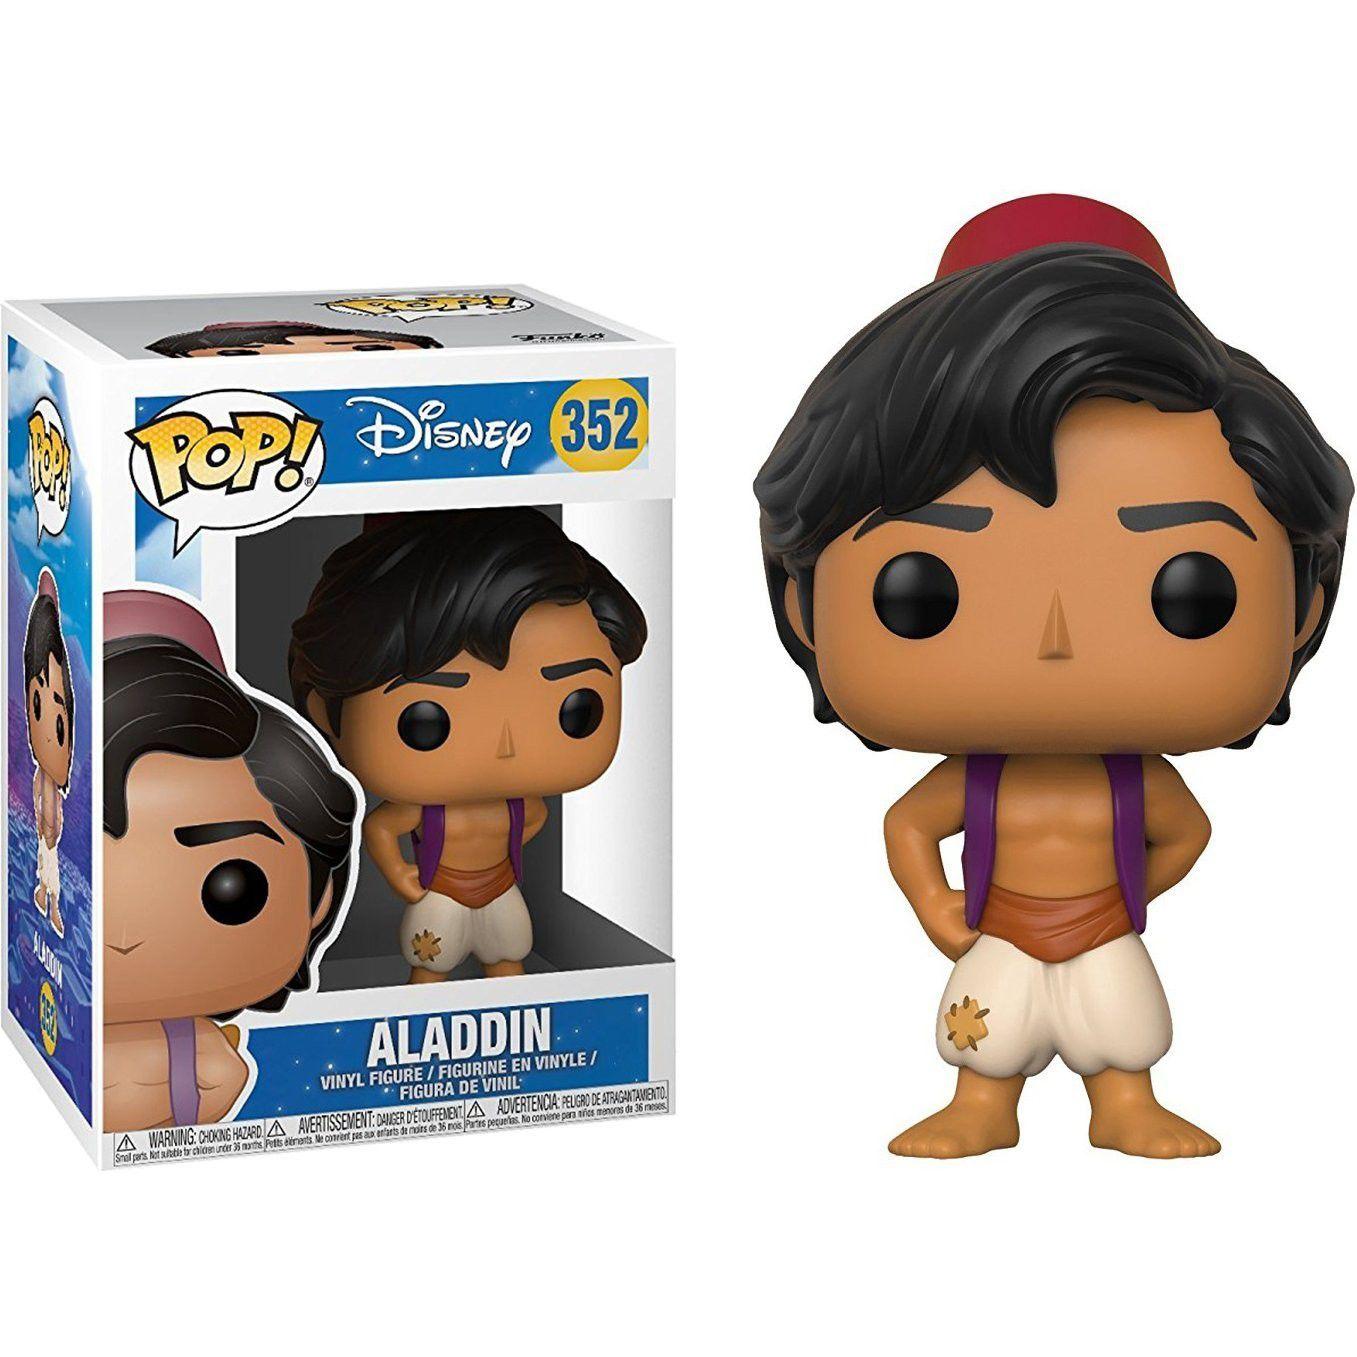 Funko Pop Disney Aladdin - Aladdin